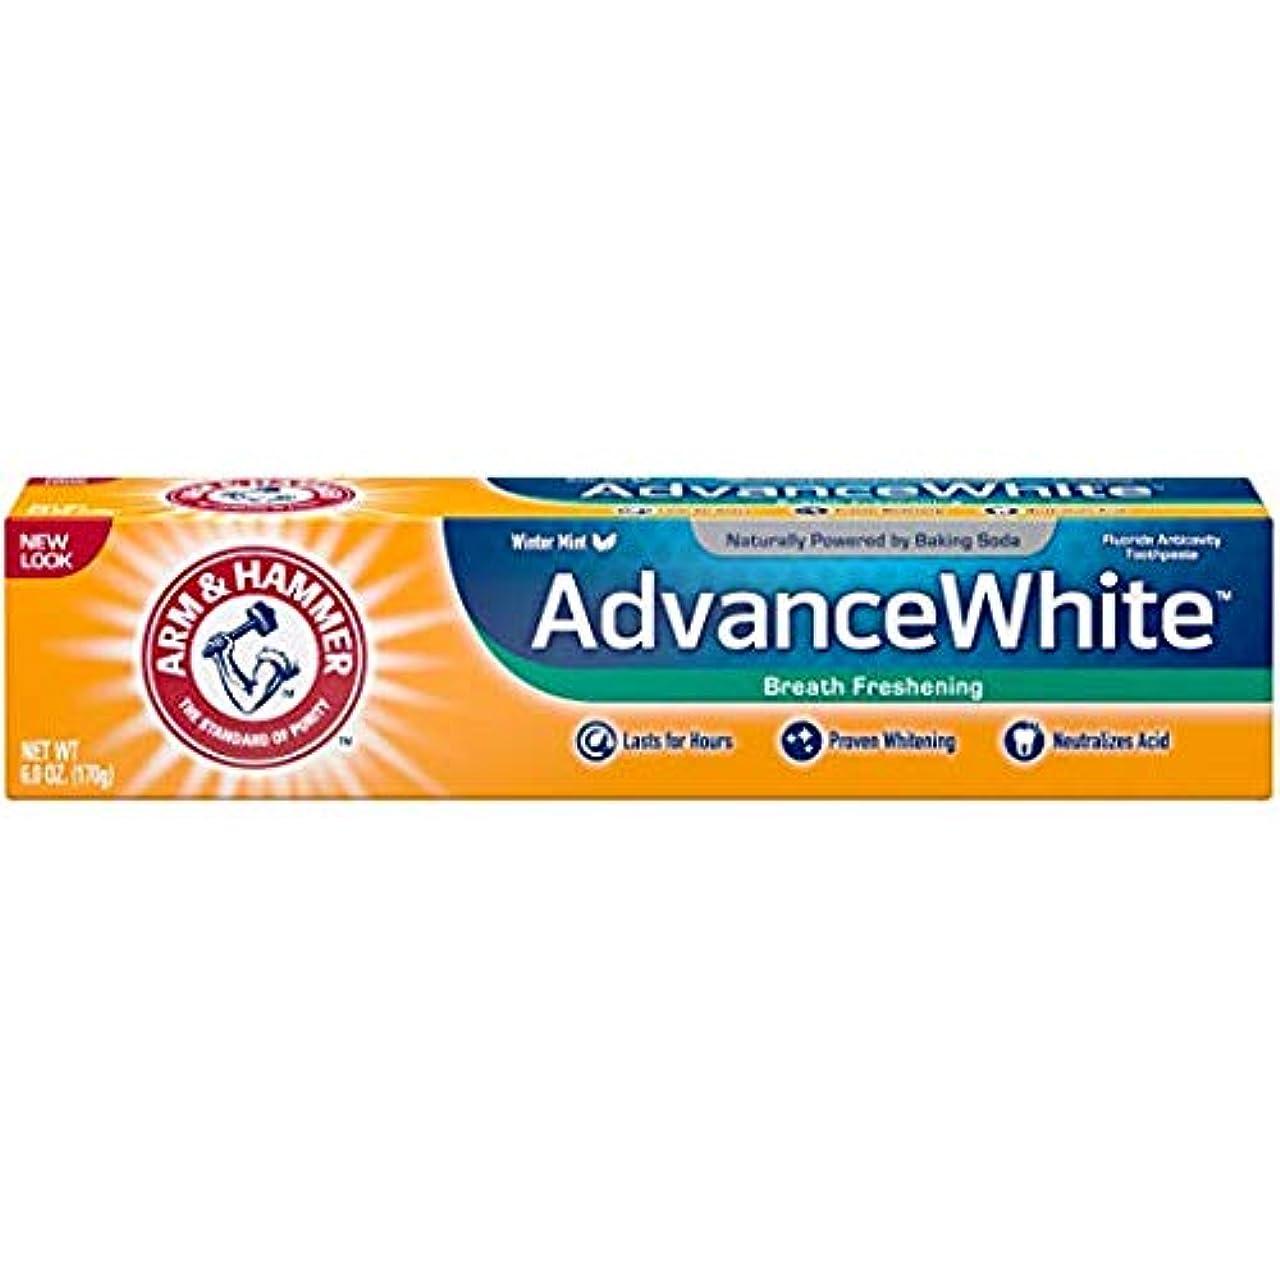 予定慎重に軽減するArm & Hammer アドバンスホワイト重曹歯磨き粉、フロストミント6オズ(4パック) 4パック